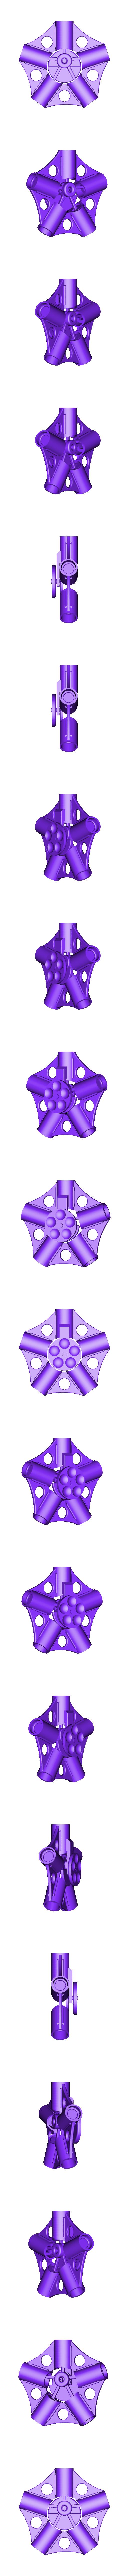 radial_2.0.stl Télécharger fichier STL gratuit Moteur radial ou Hula • Design à imprimer en 3D, Mathorethan